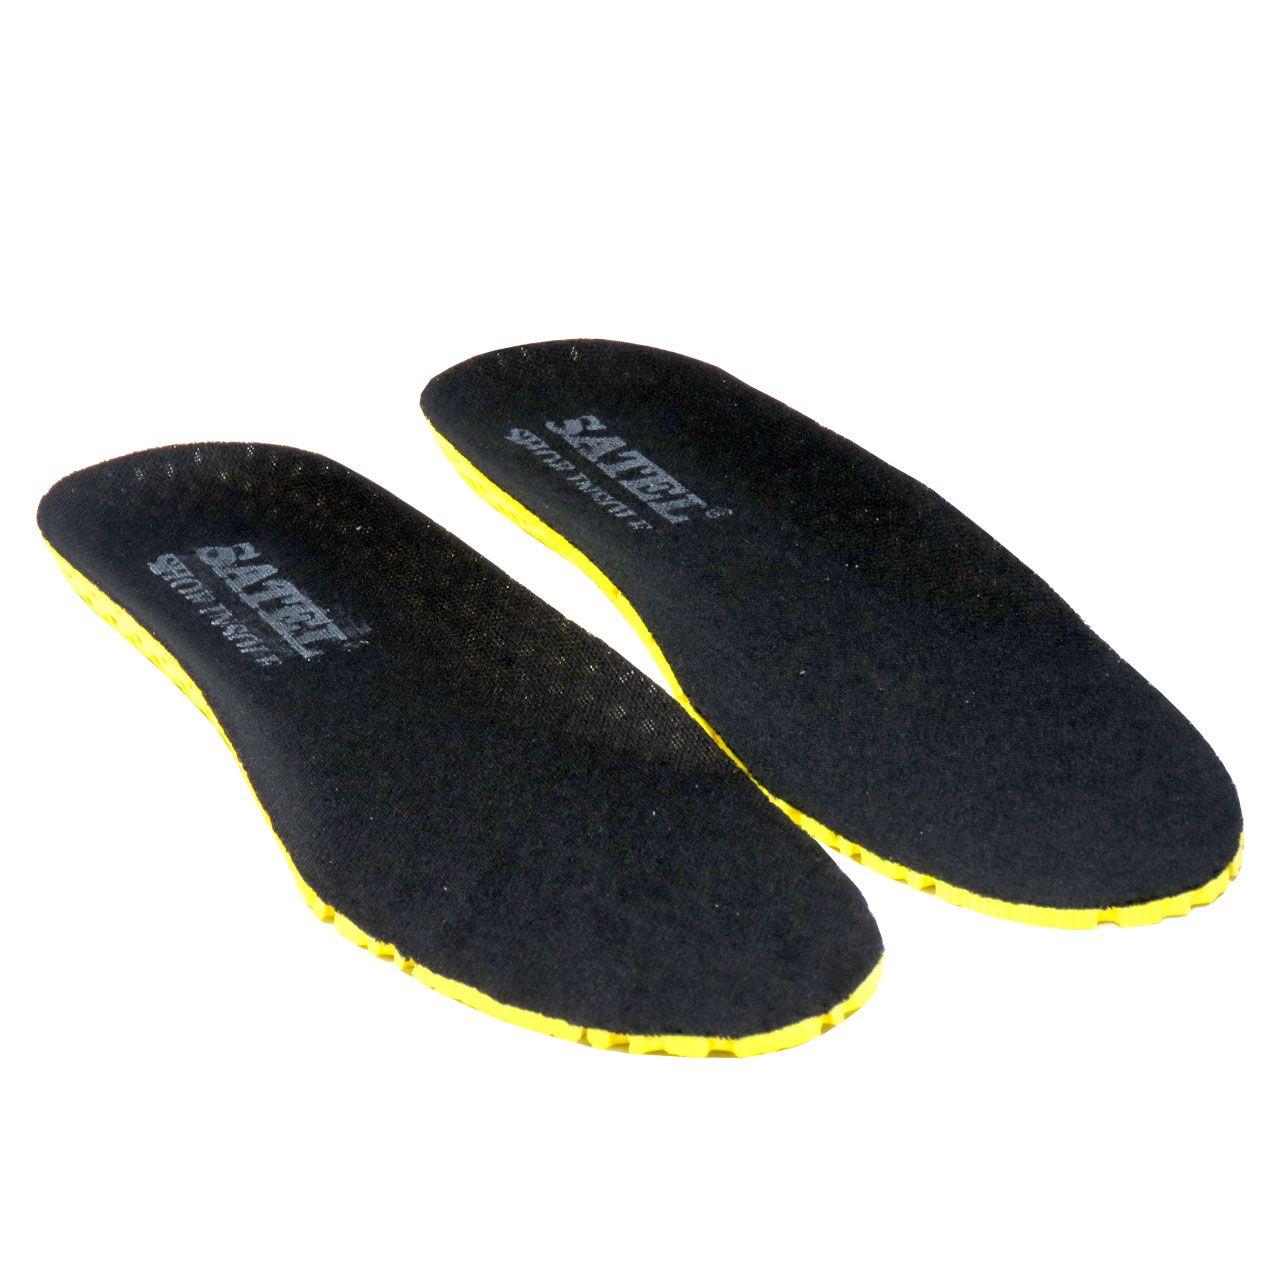 کفی کفش مردانه ساتل کد 300 سایز 43 -  - 2